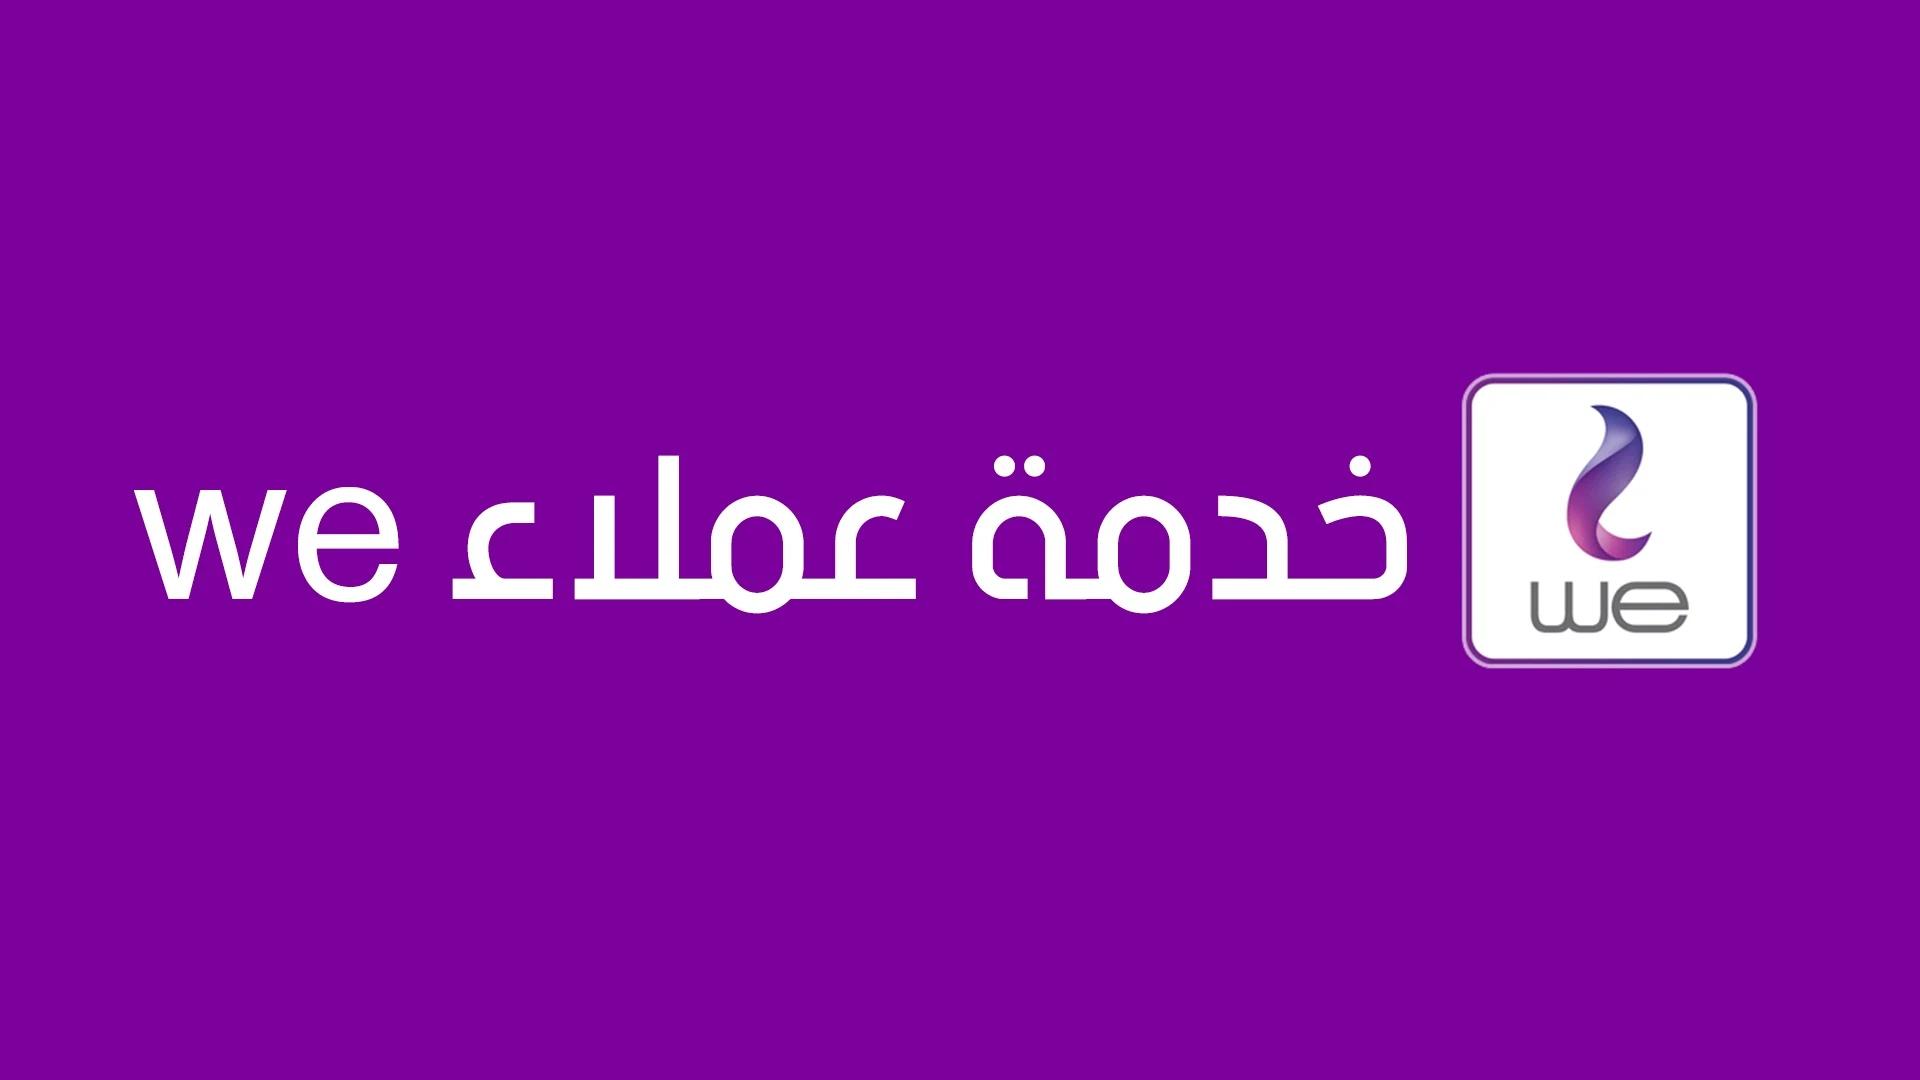 رقم خدمة عملاء we للإنترنت المصرية للاتصالات 2021